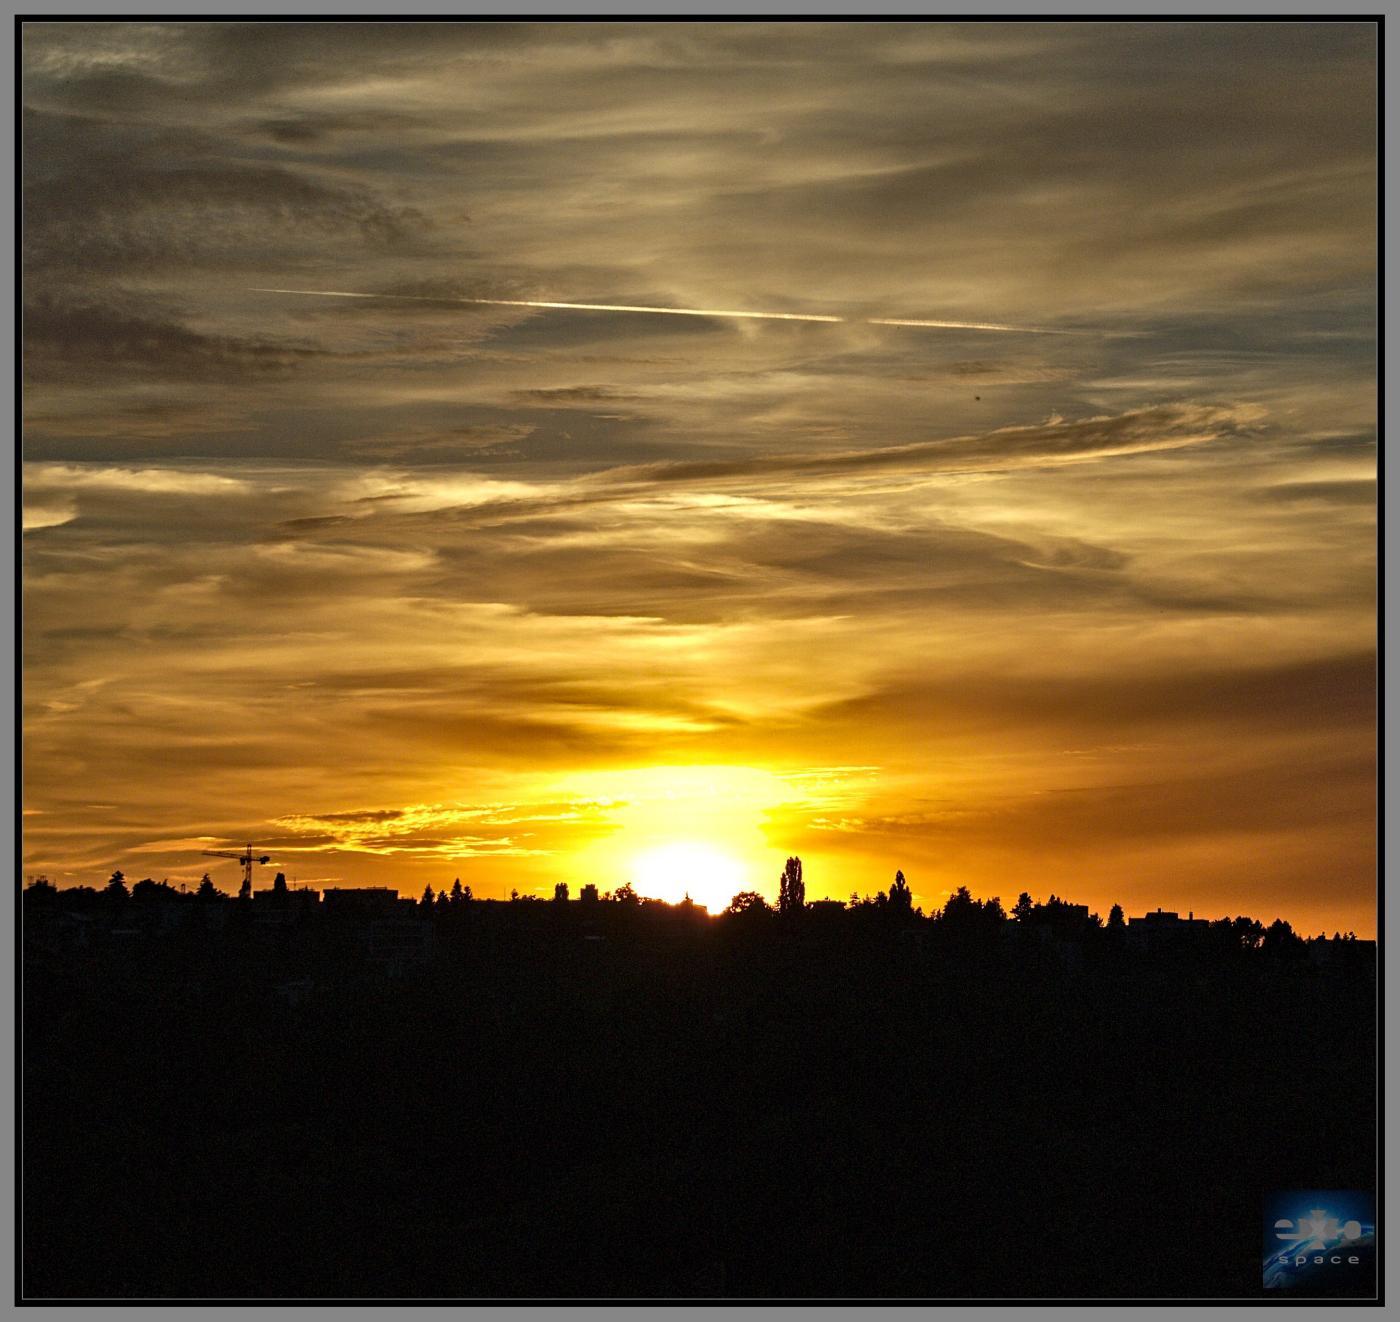 Západ Slunce 7. 6. 2016... pokaždé stejné, a přece pokaždé jiné